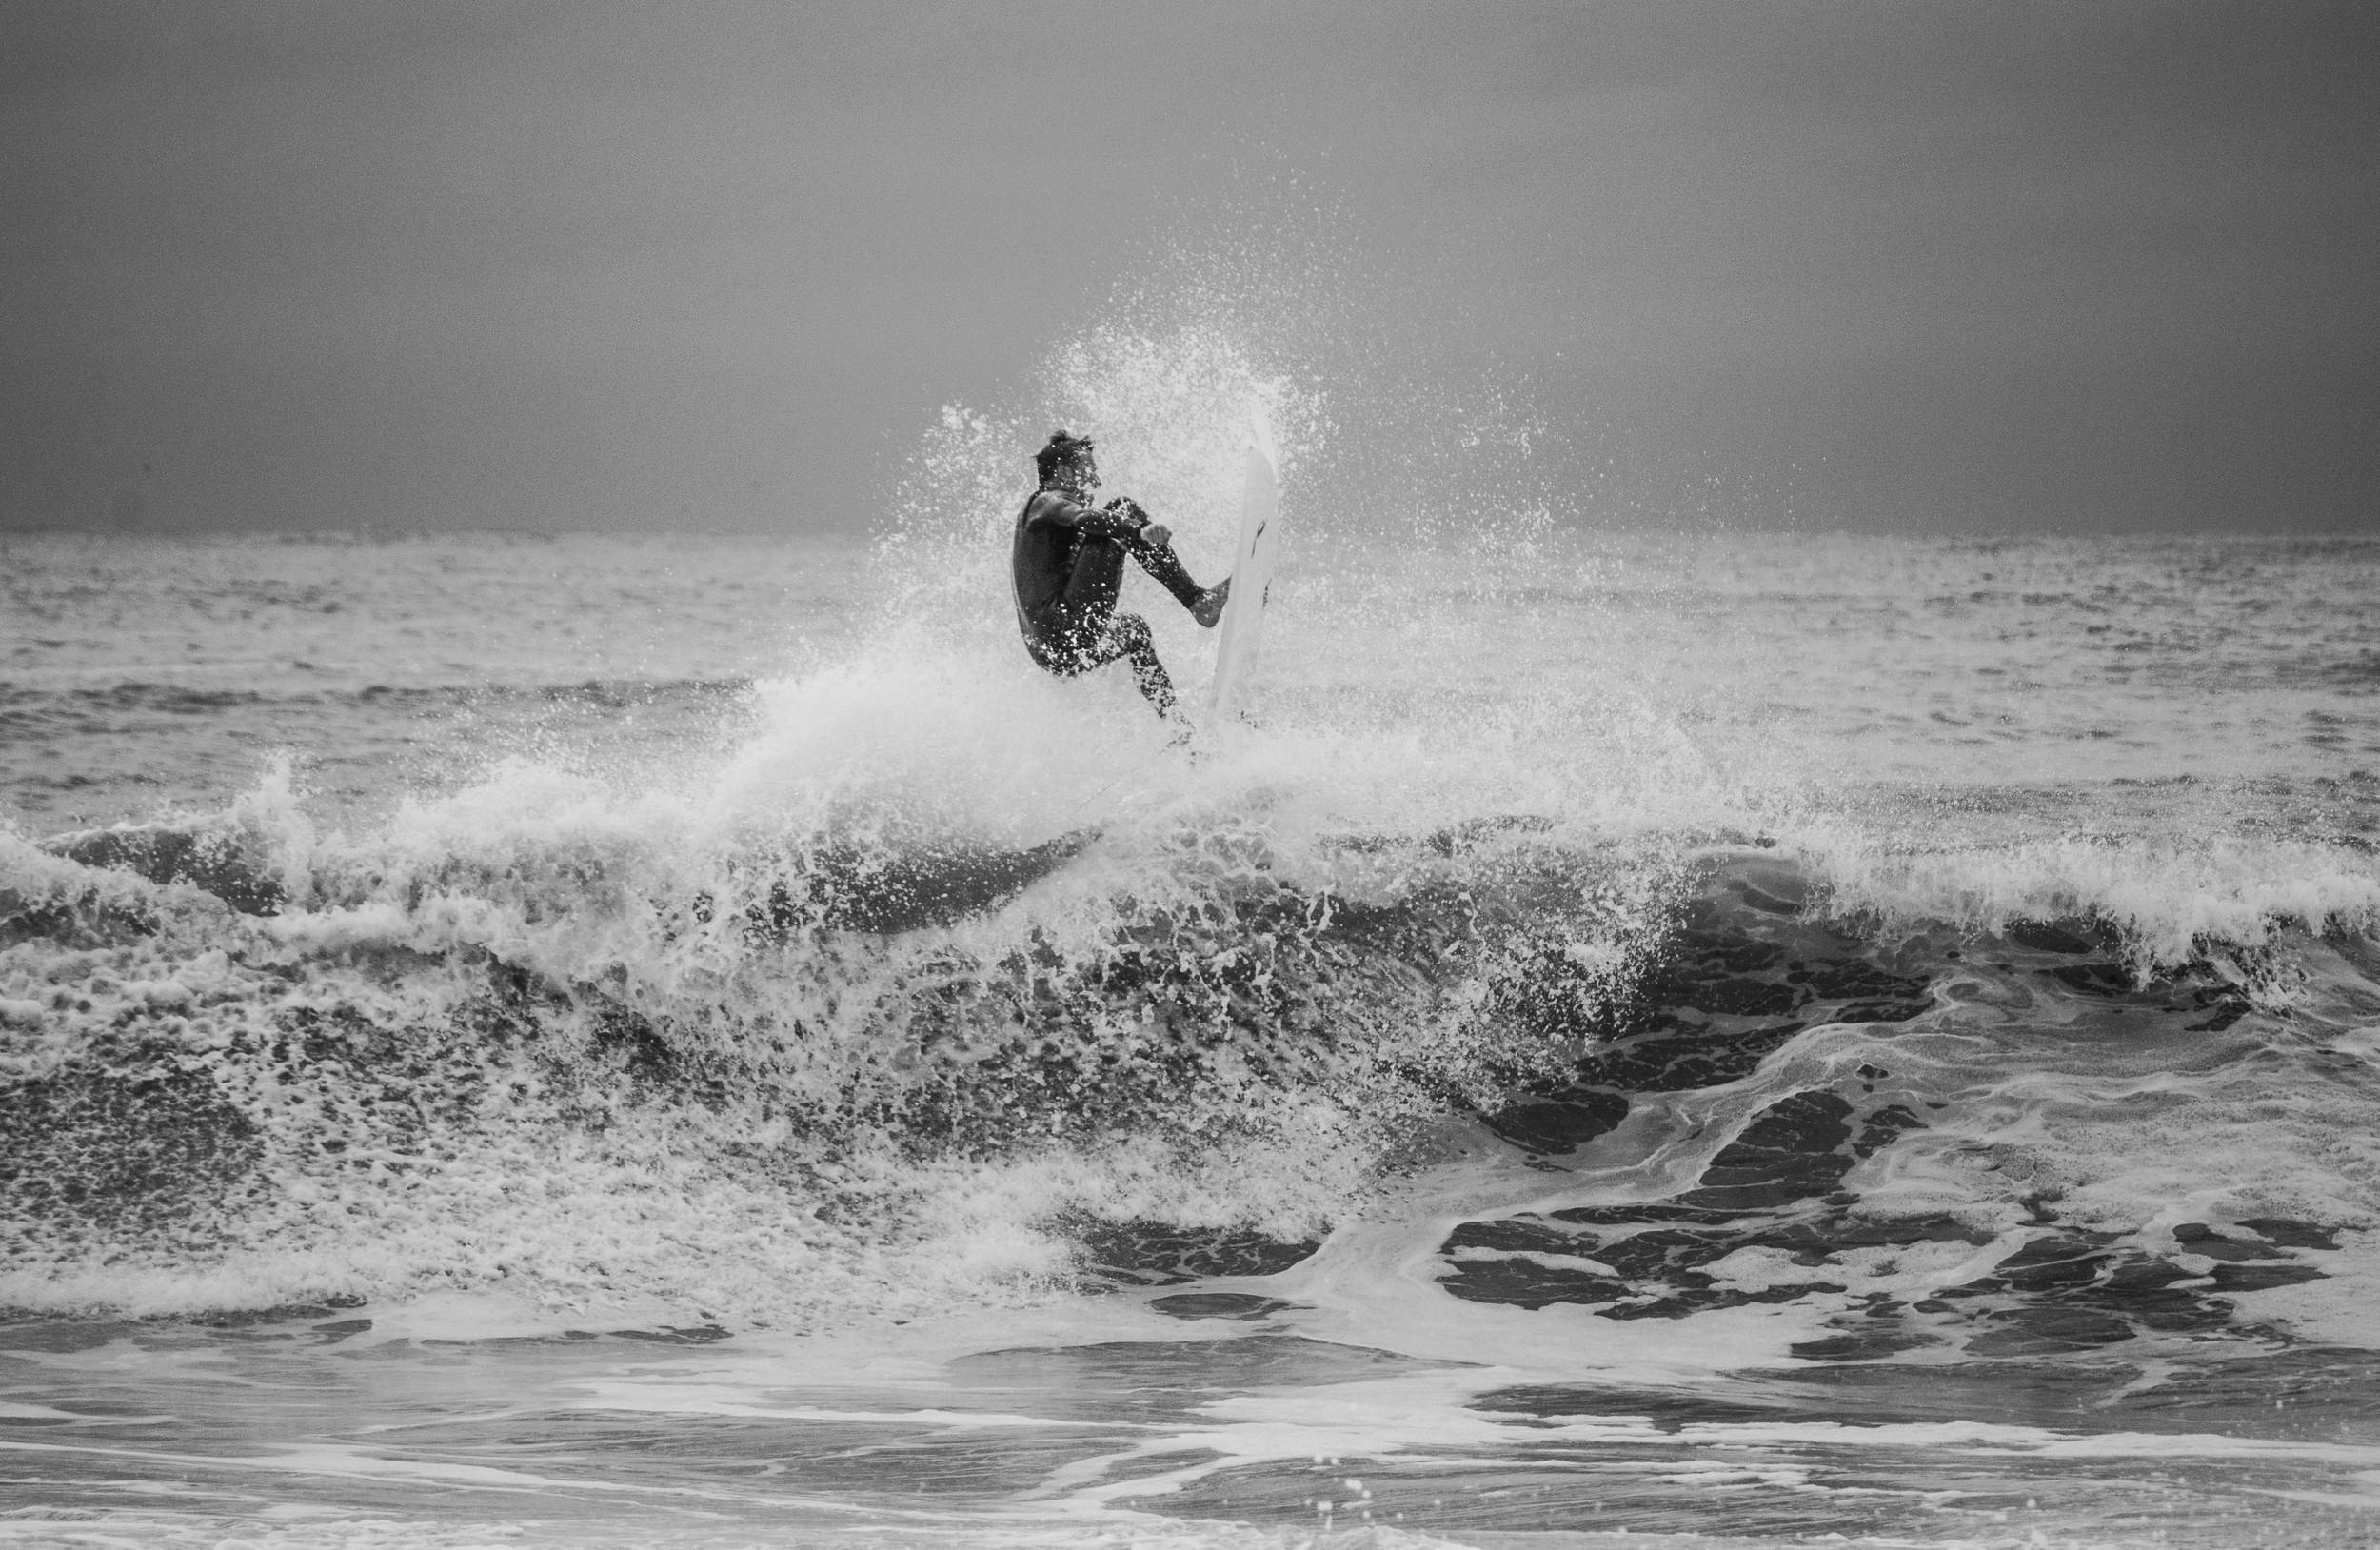 Mike R. (Reino) taking flight